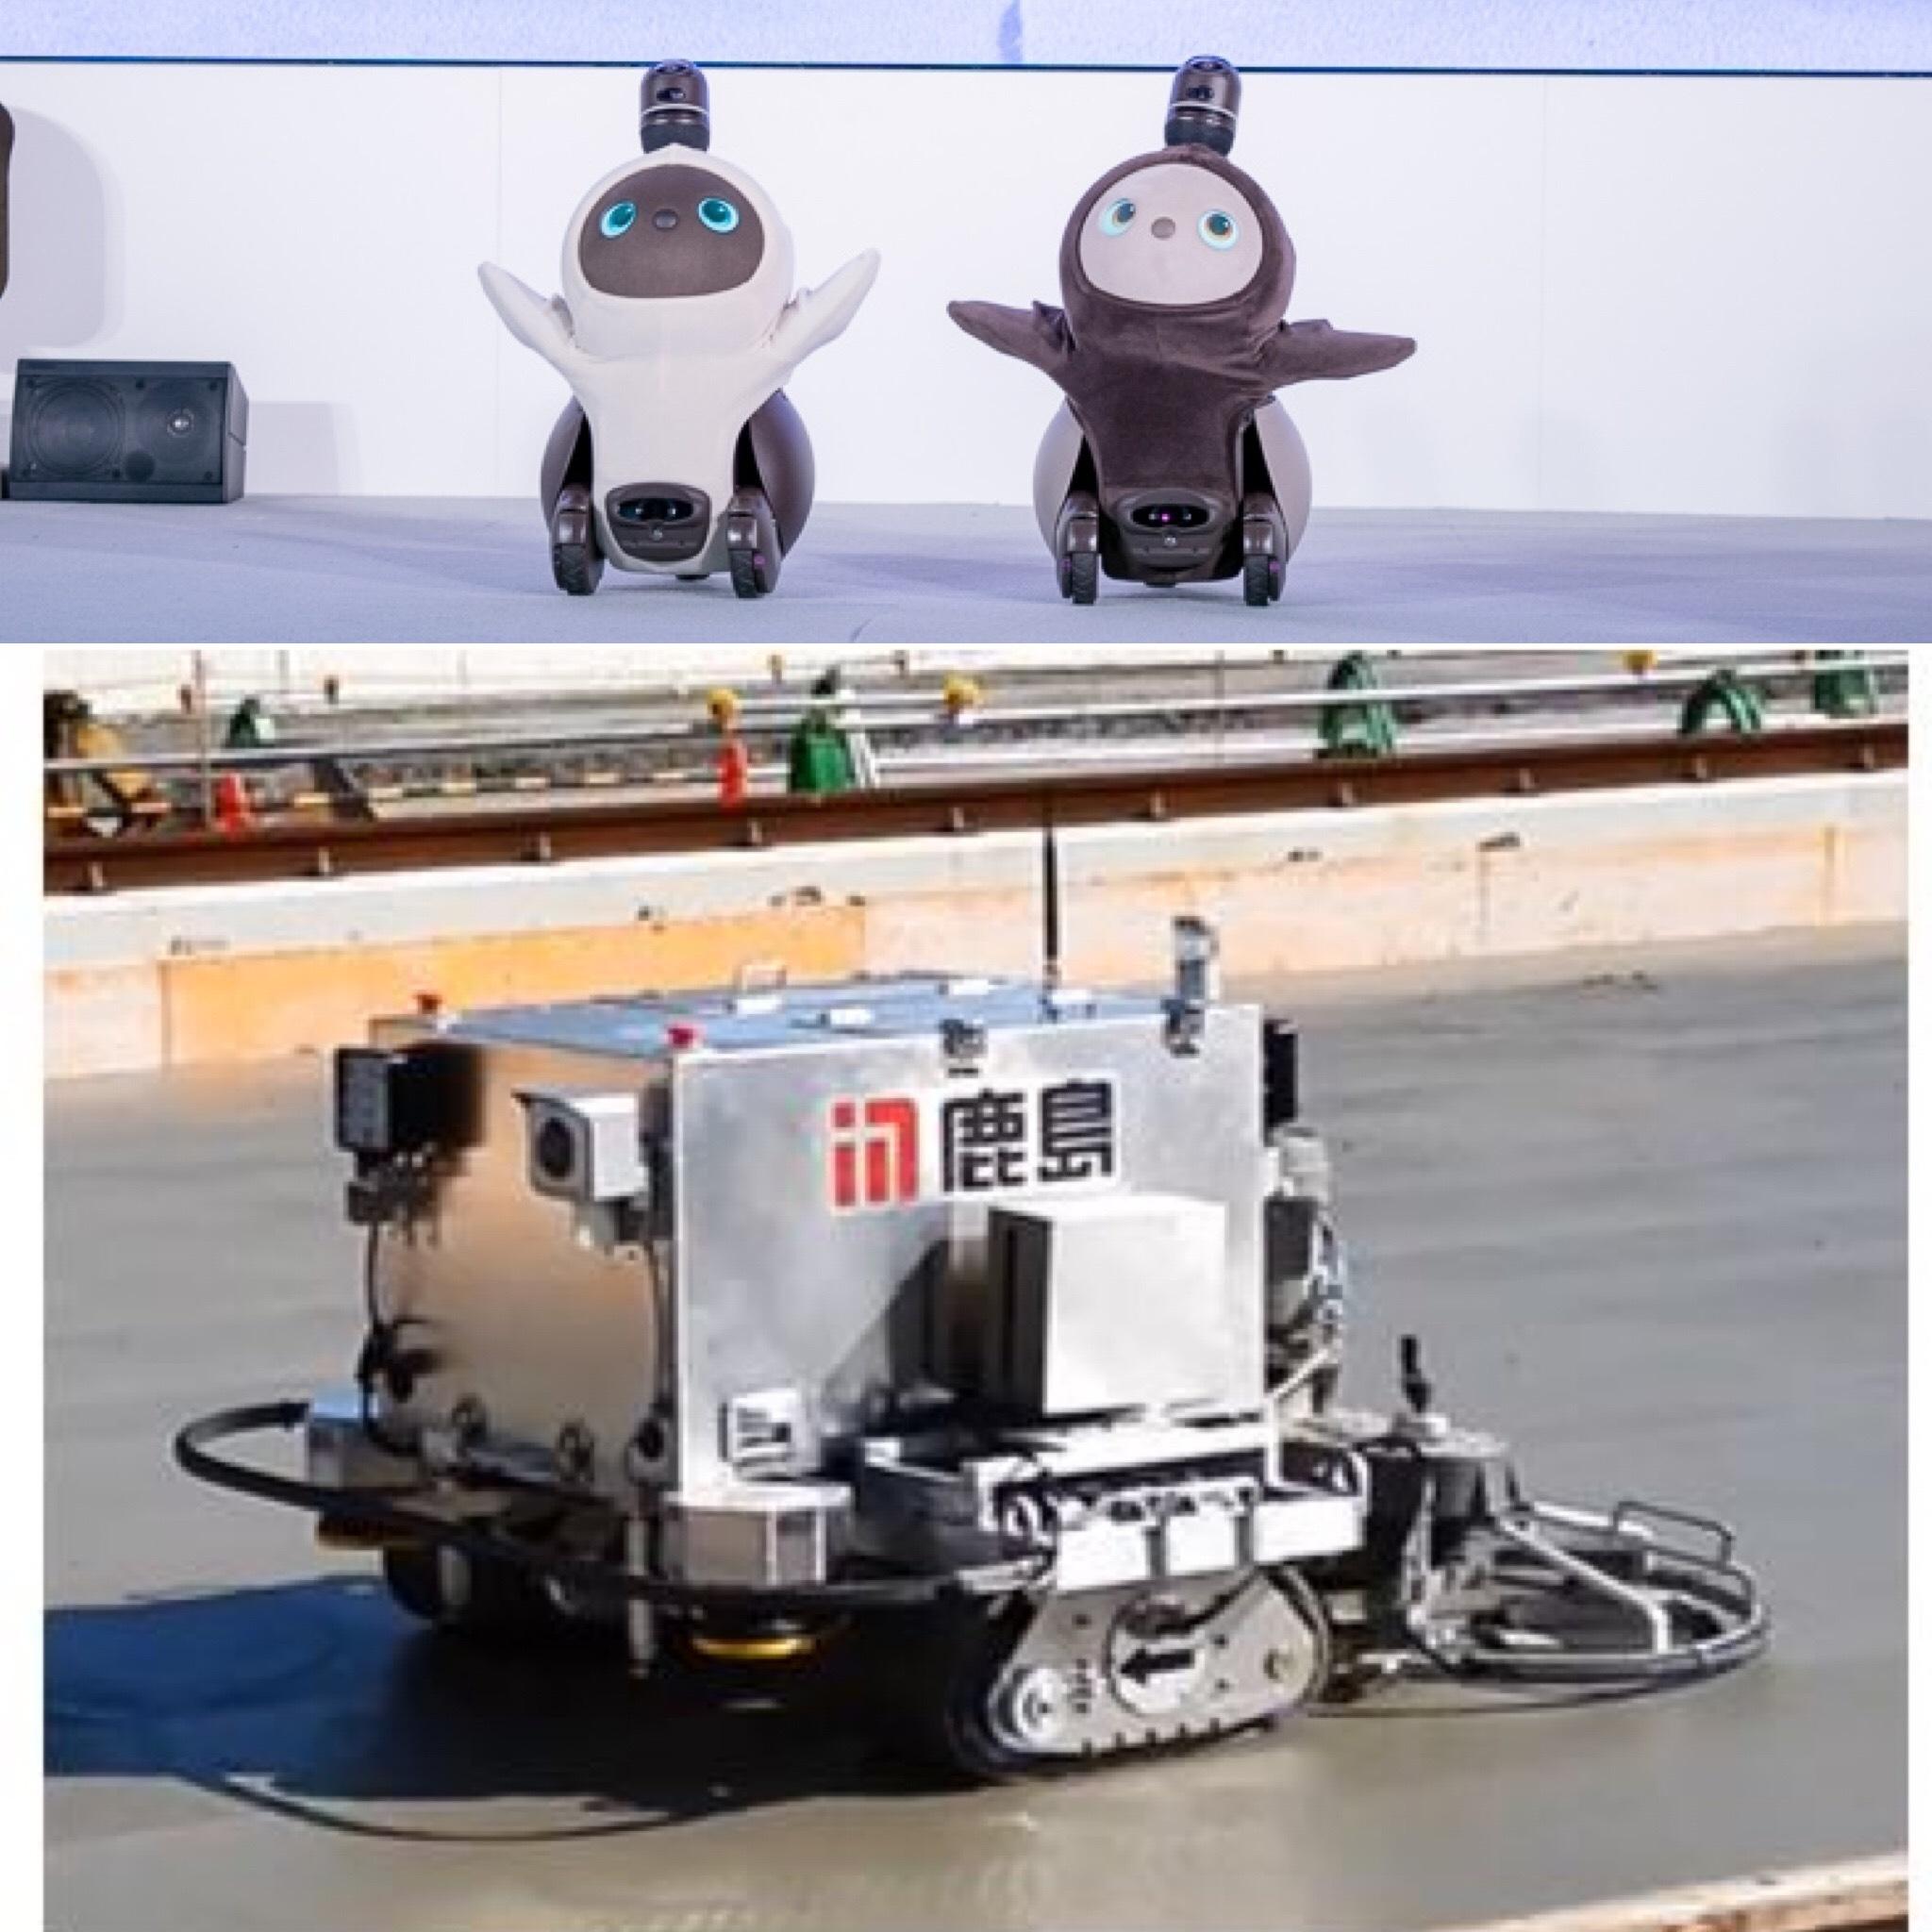 「【鹿島】と【#デコブロ】 の不思議な関係?『建設機械が可愛くちゃだめですか?!』」